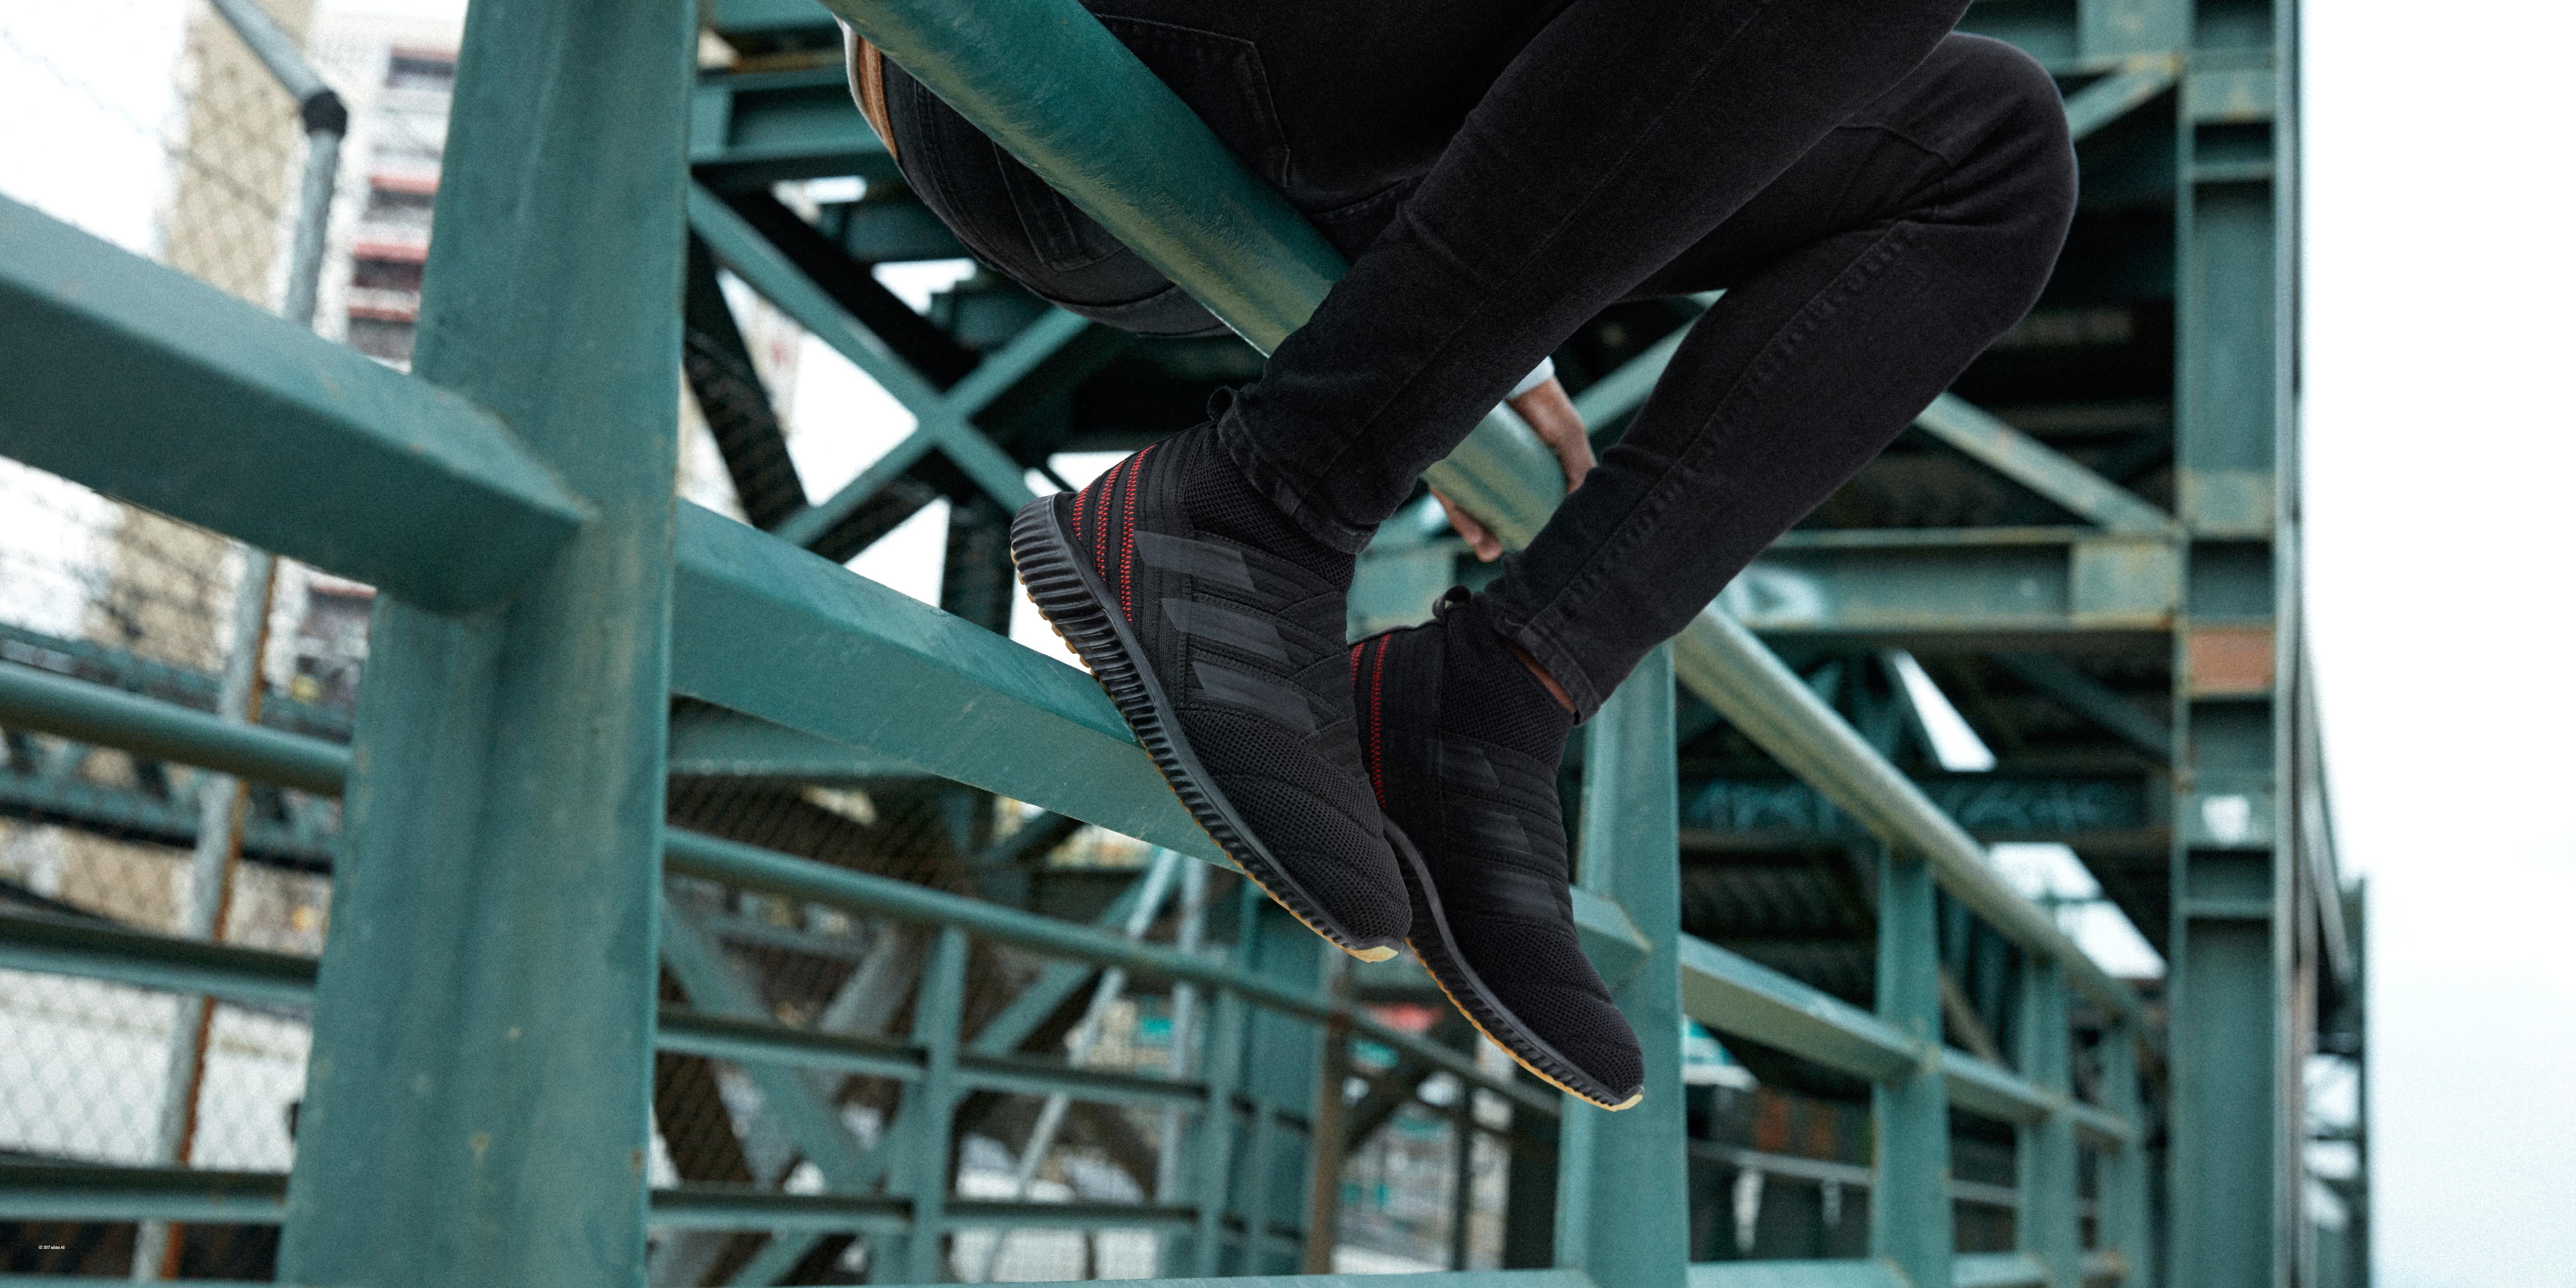 adidas dévoile la Nemeziz Mid, chaussure street inspirée par le « taping »